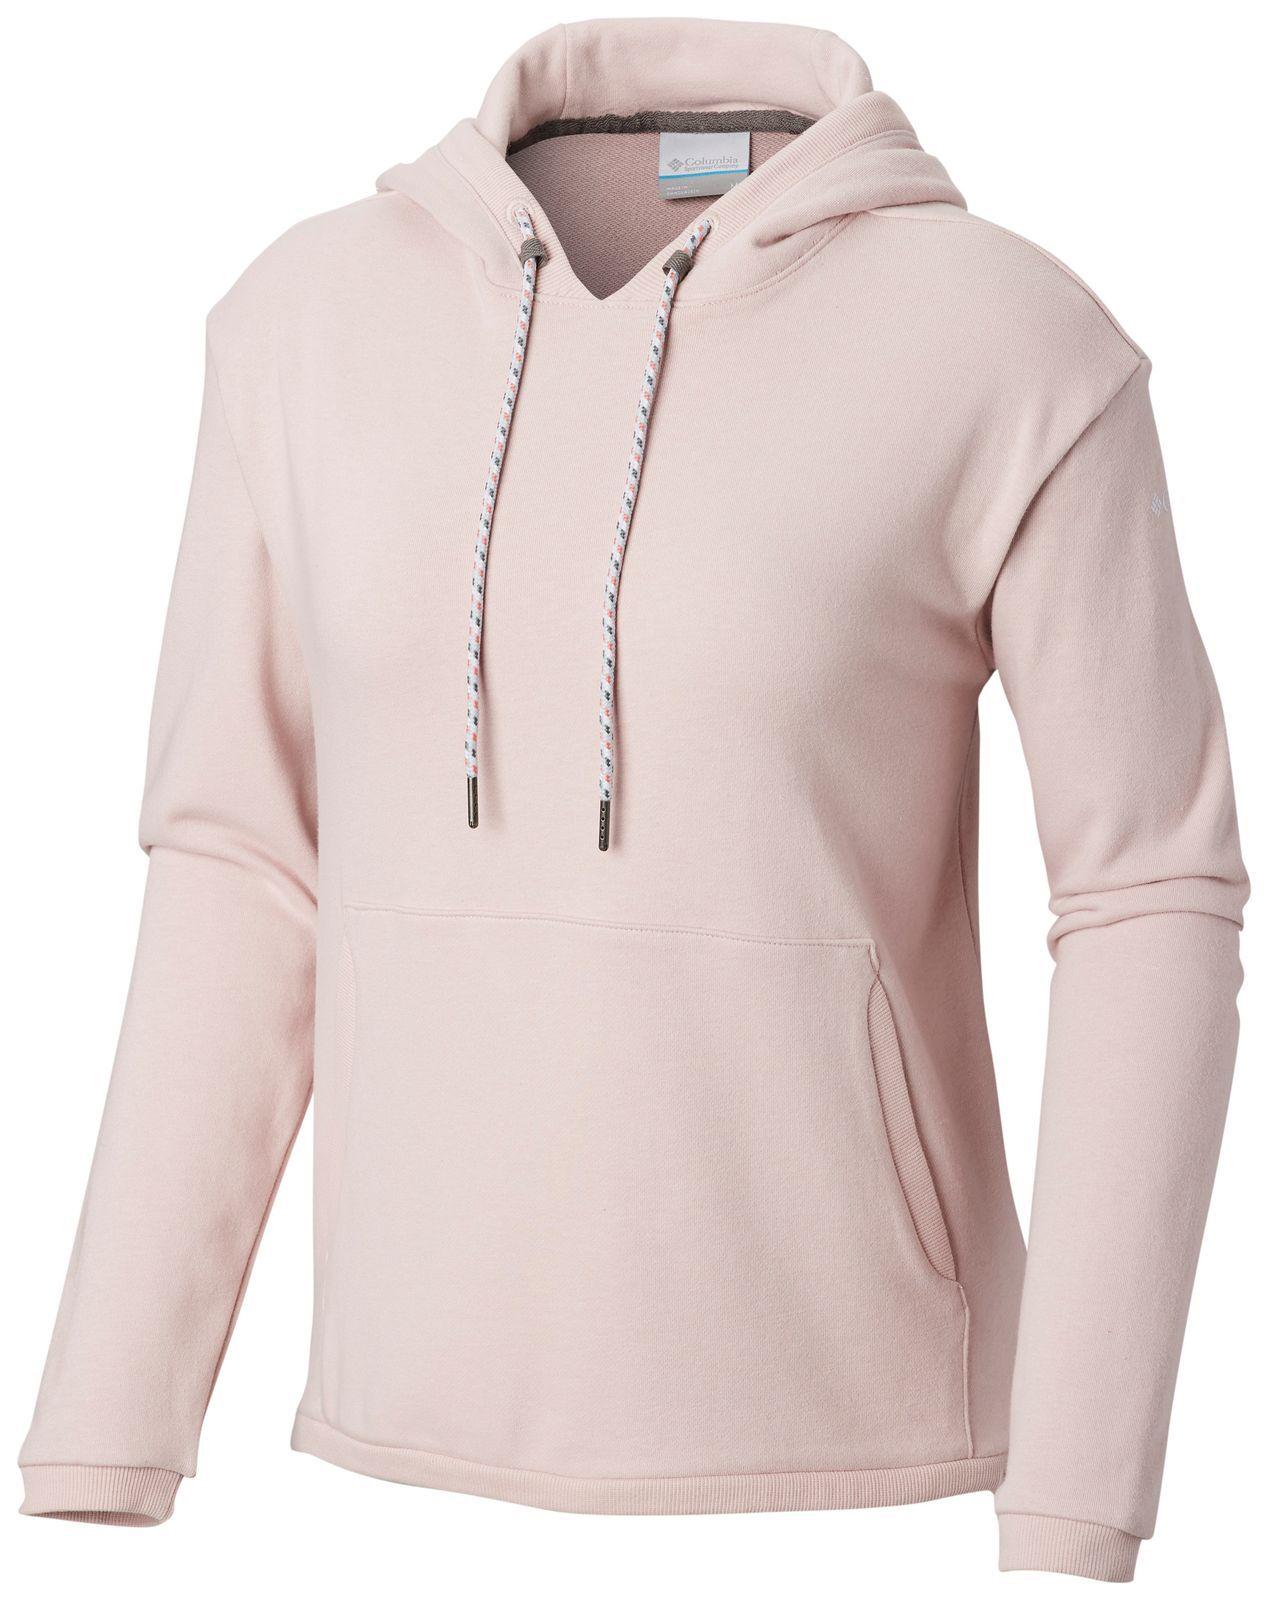 Худи Columbia CSC W Bugasweat Hoodie шорты мужские columbia csc m bugasweat short цвет серый 1840631 030 размер s 44 46